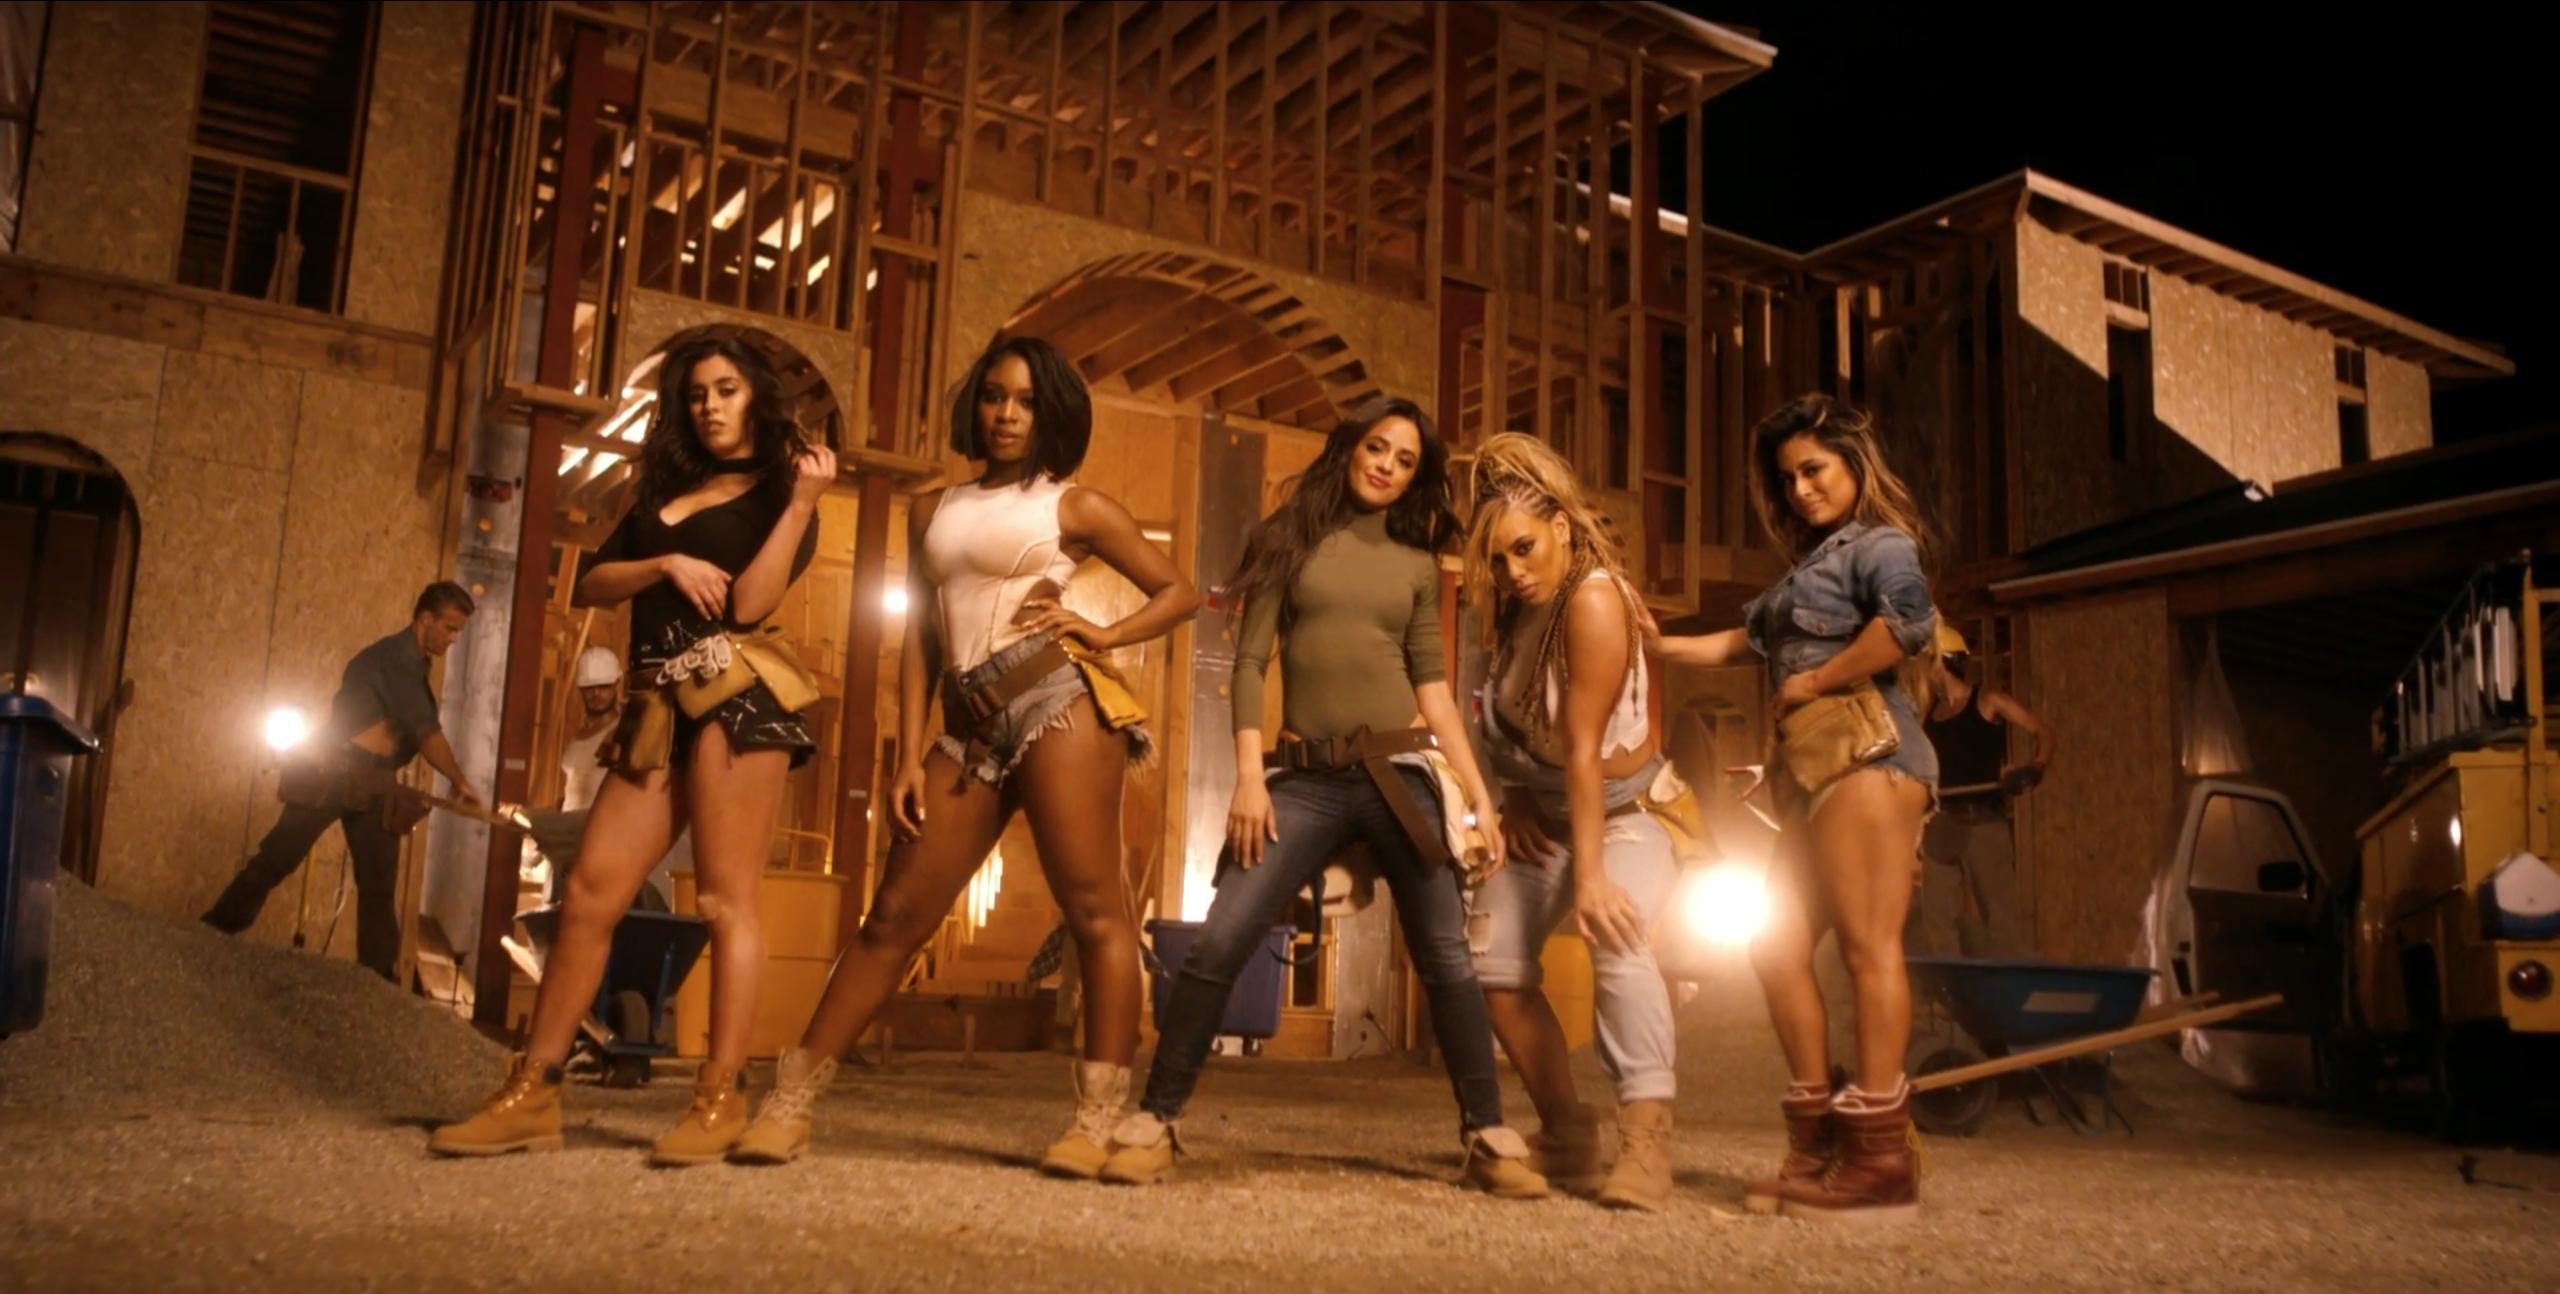 ¿¡Es neta!? Estos son los videos musicales más vistos del 2016